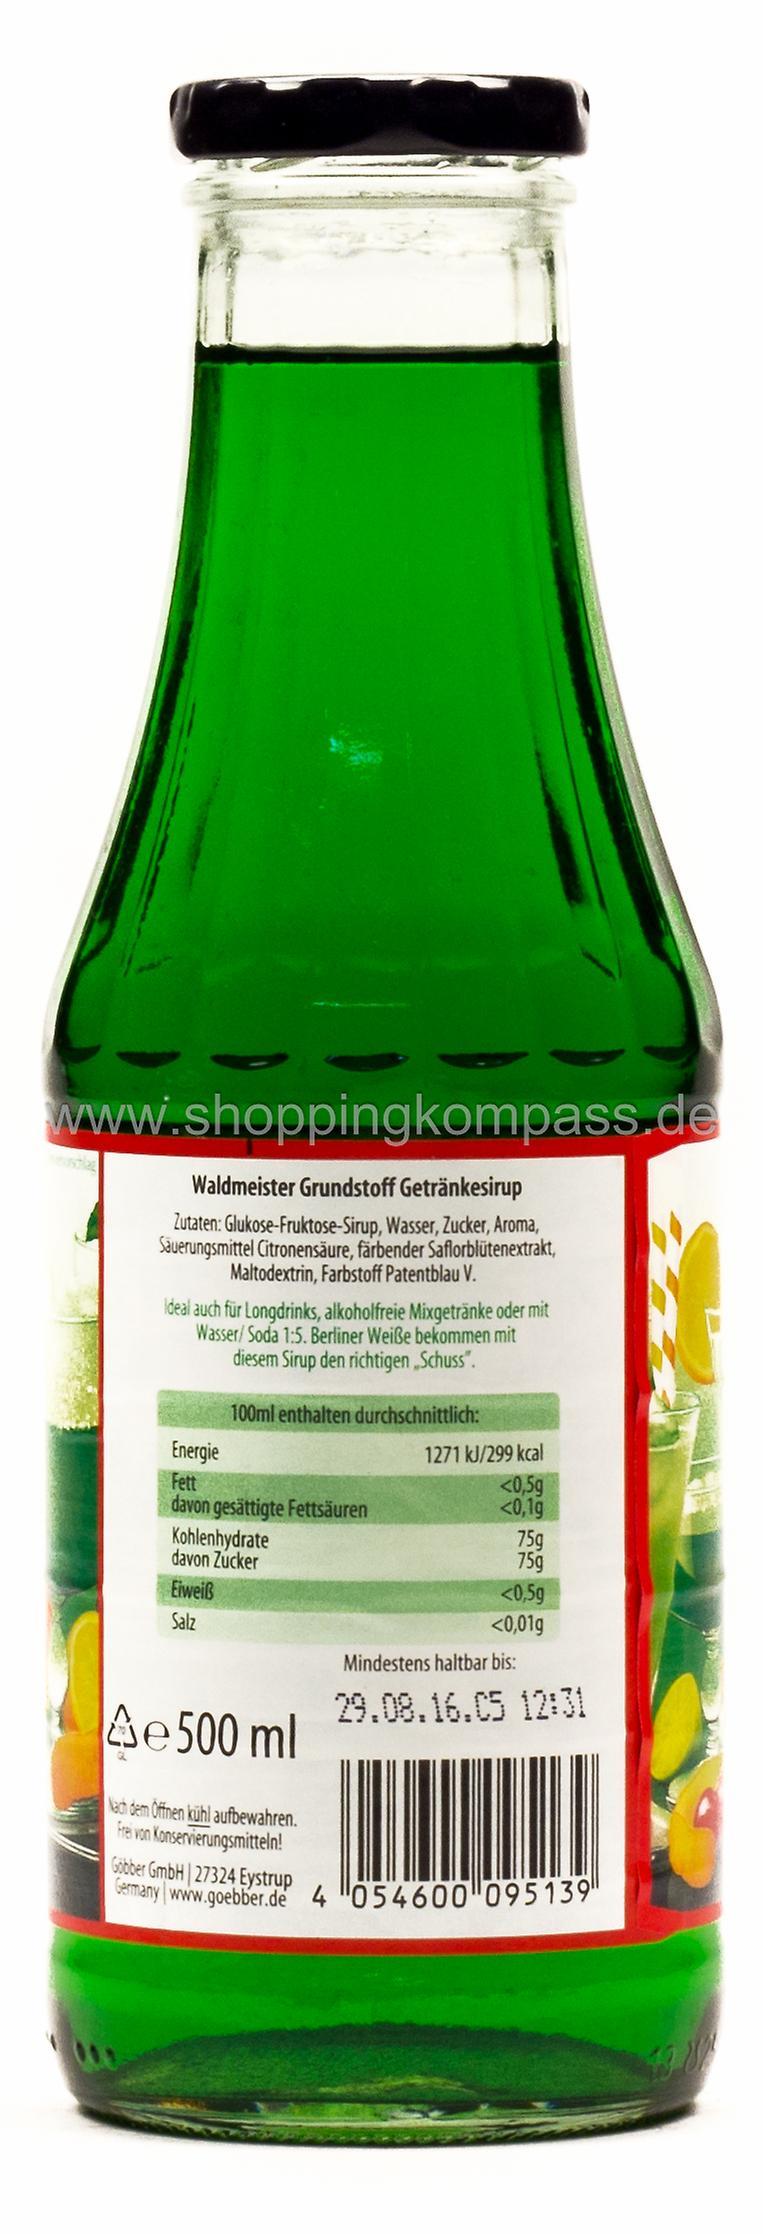 Sirup - Göbber Waldmeister Getränkesirup 0,5 l Glas EW - Ihr ...